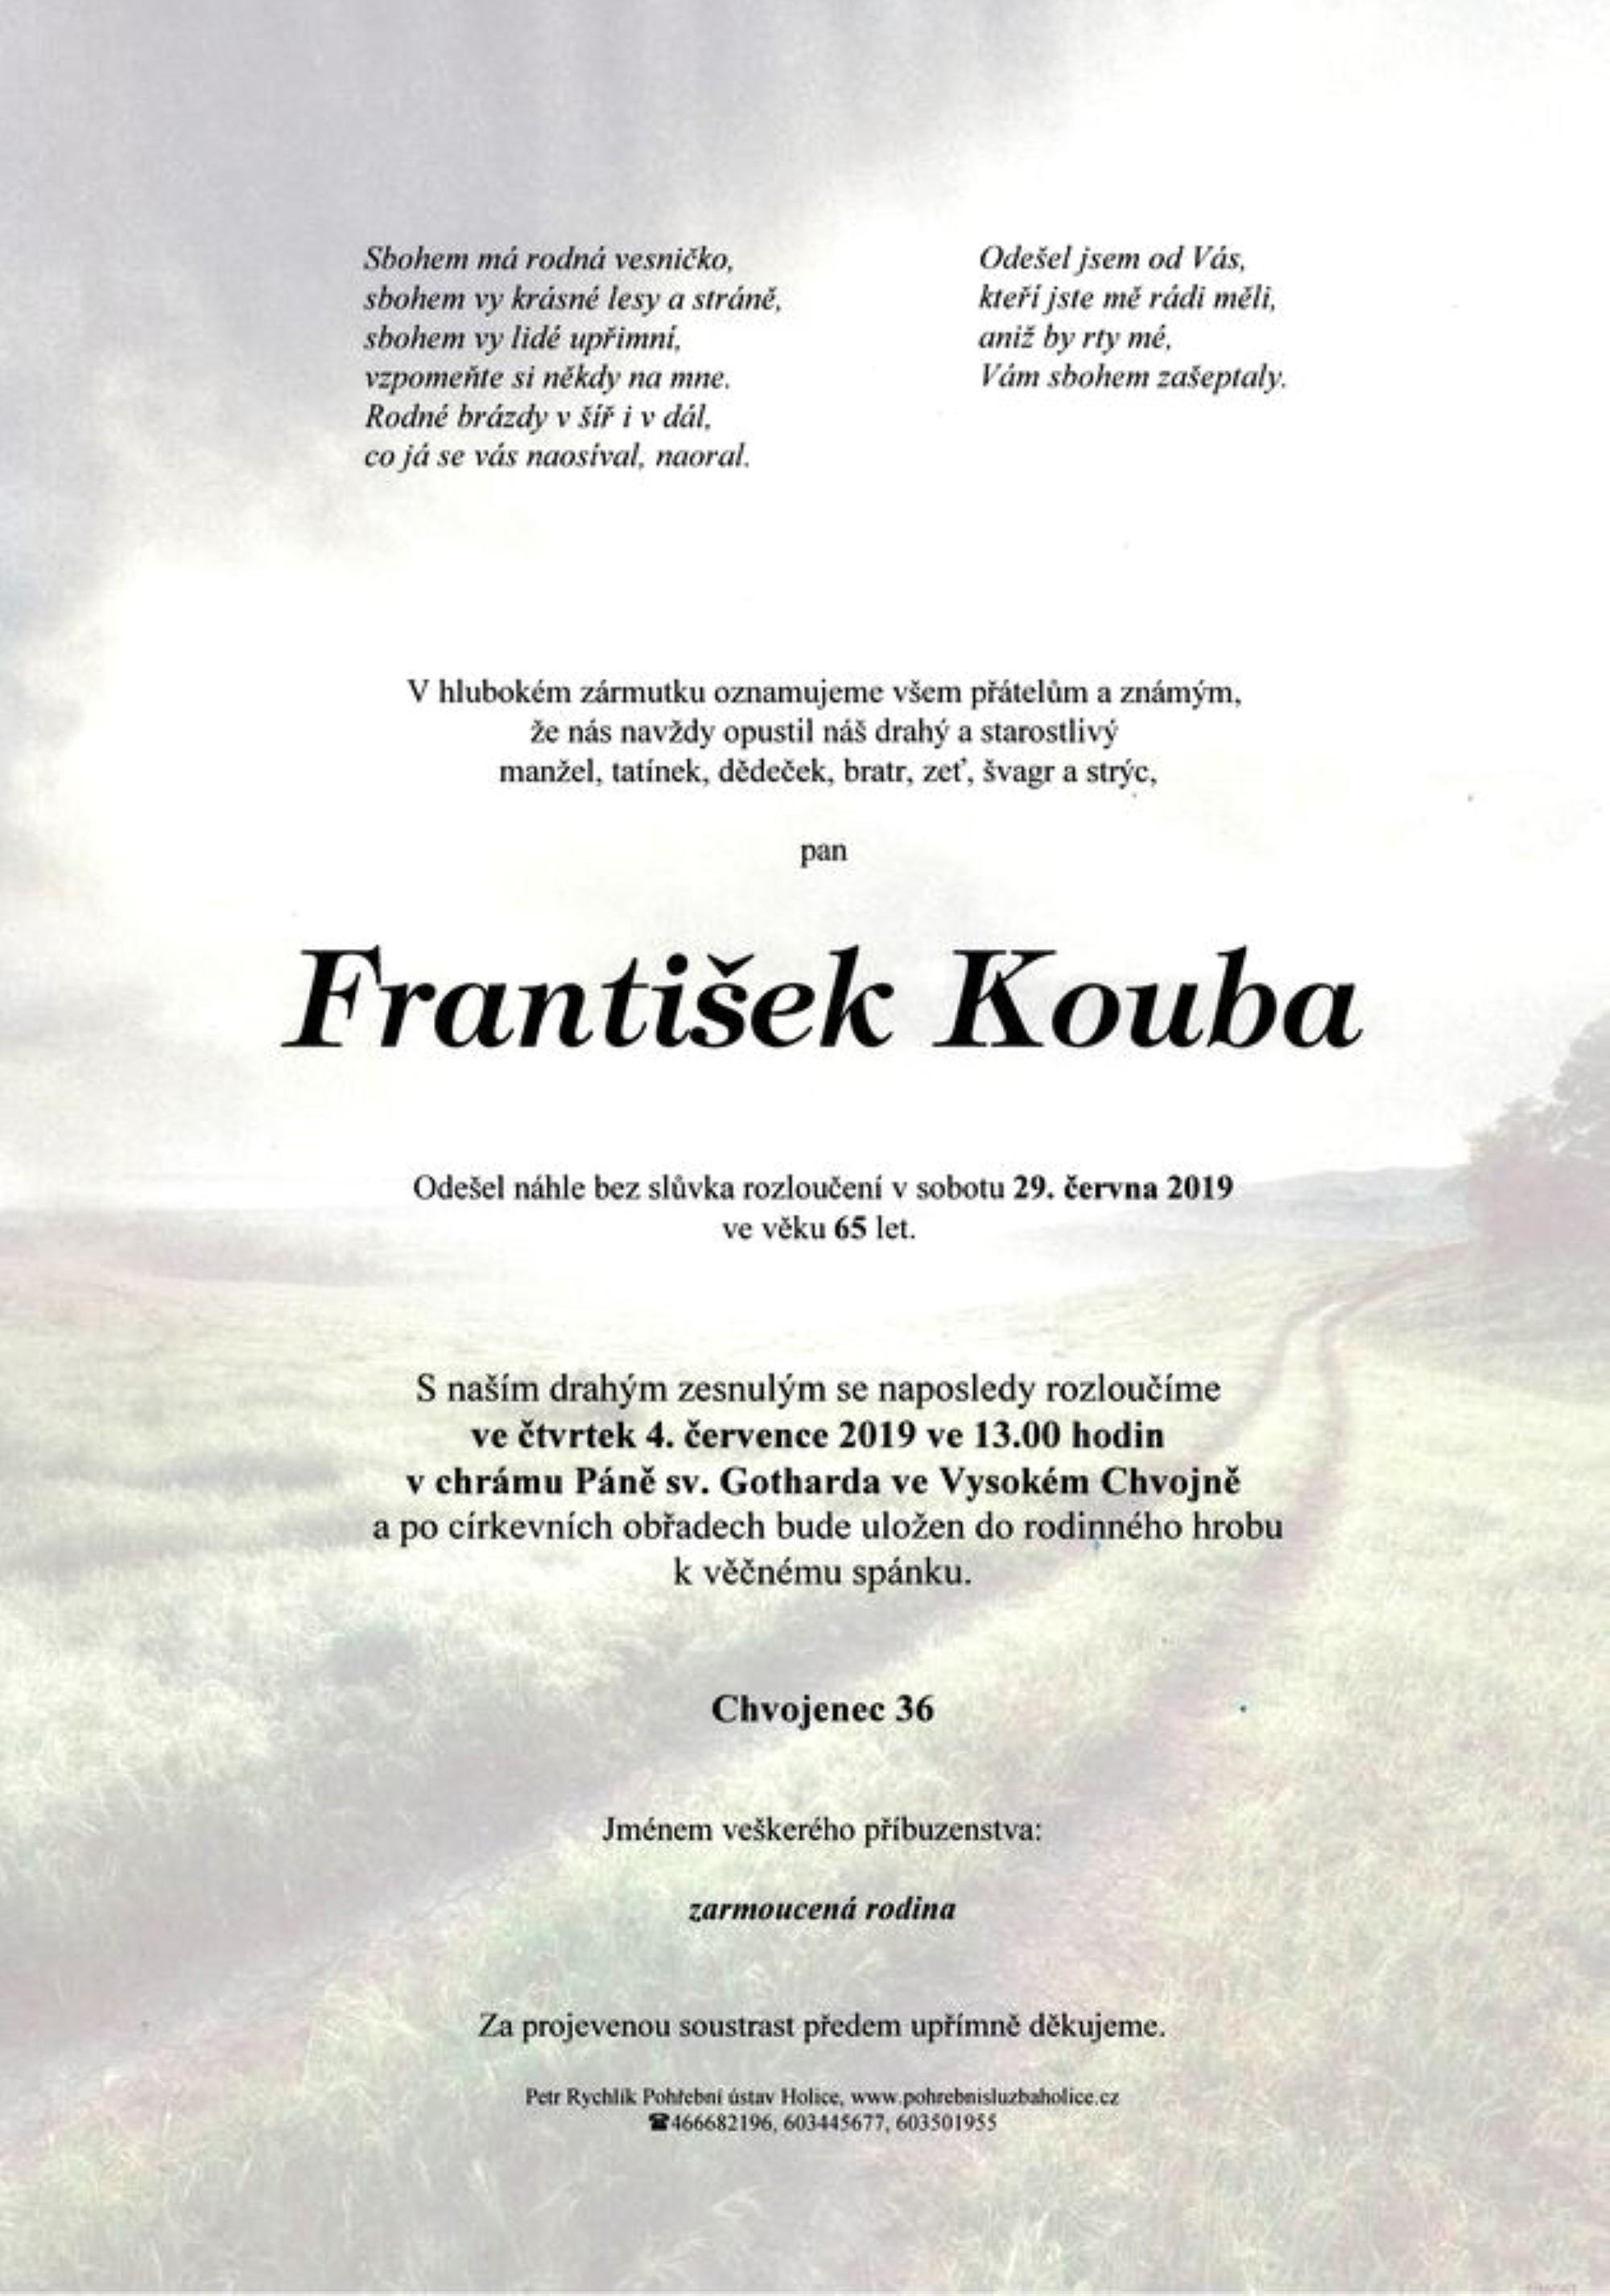 František Kouba